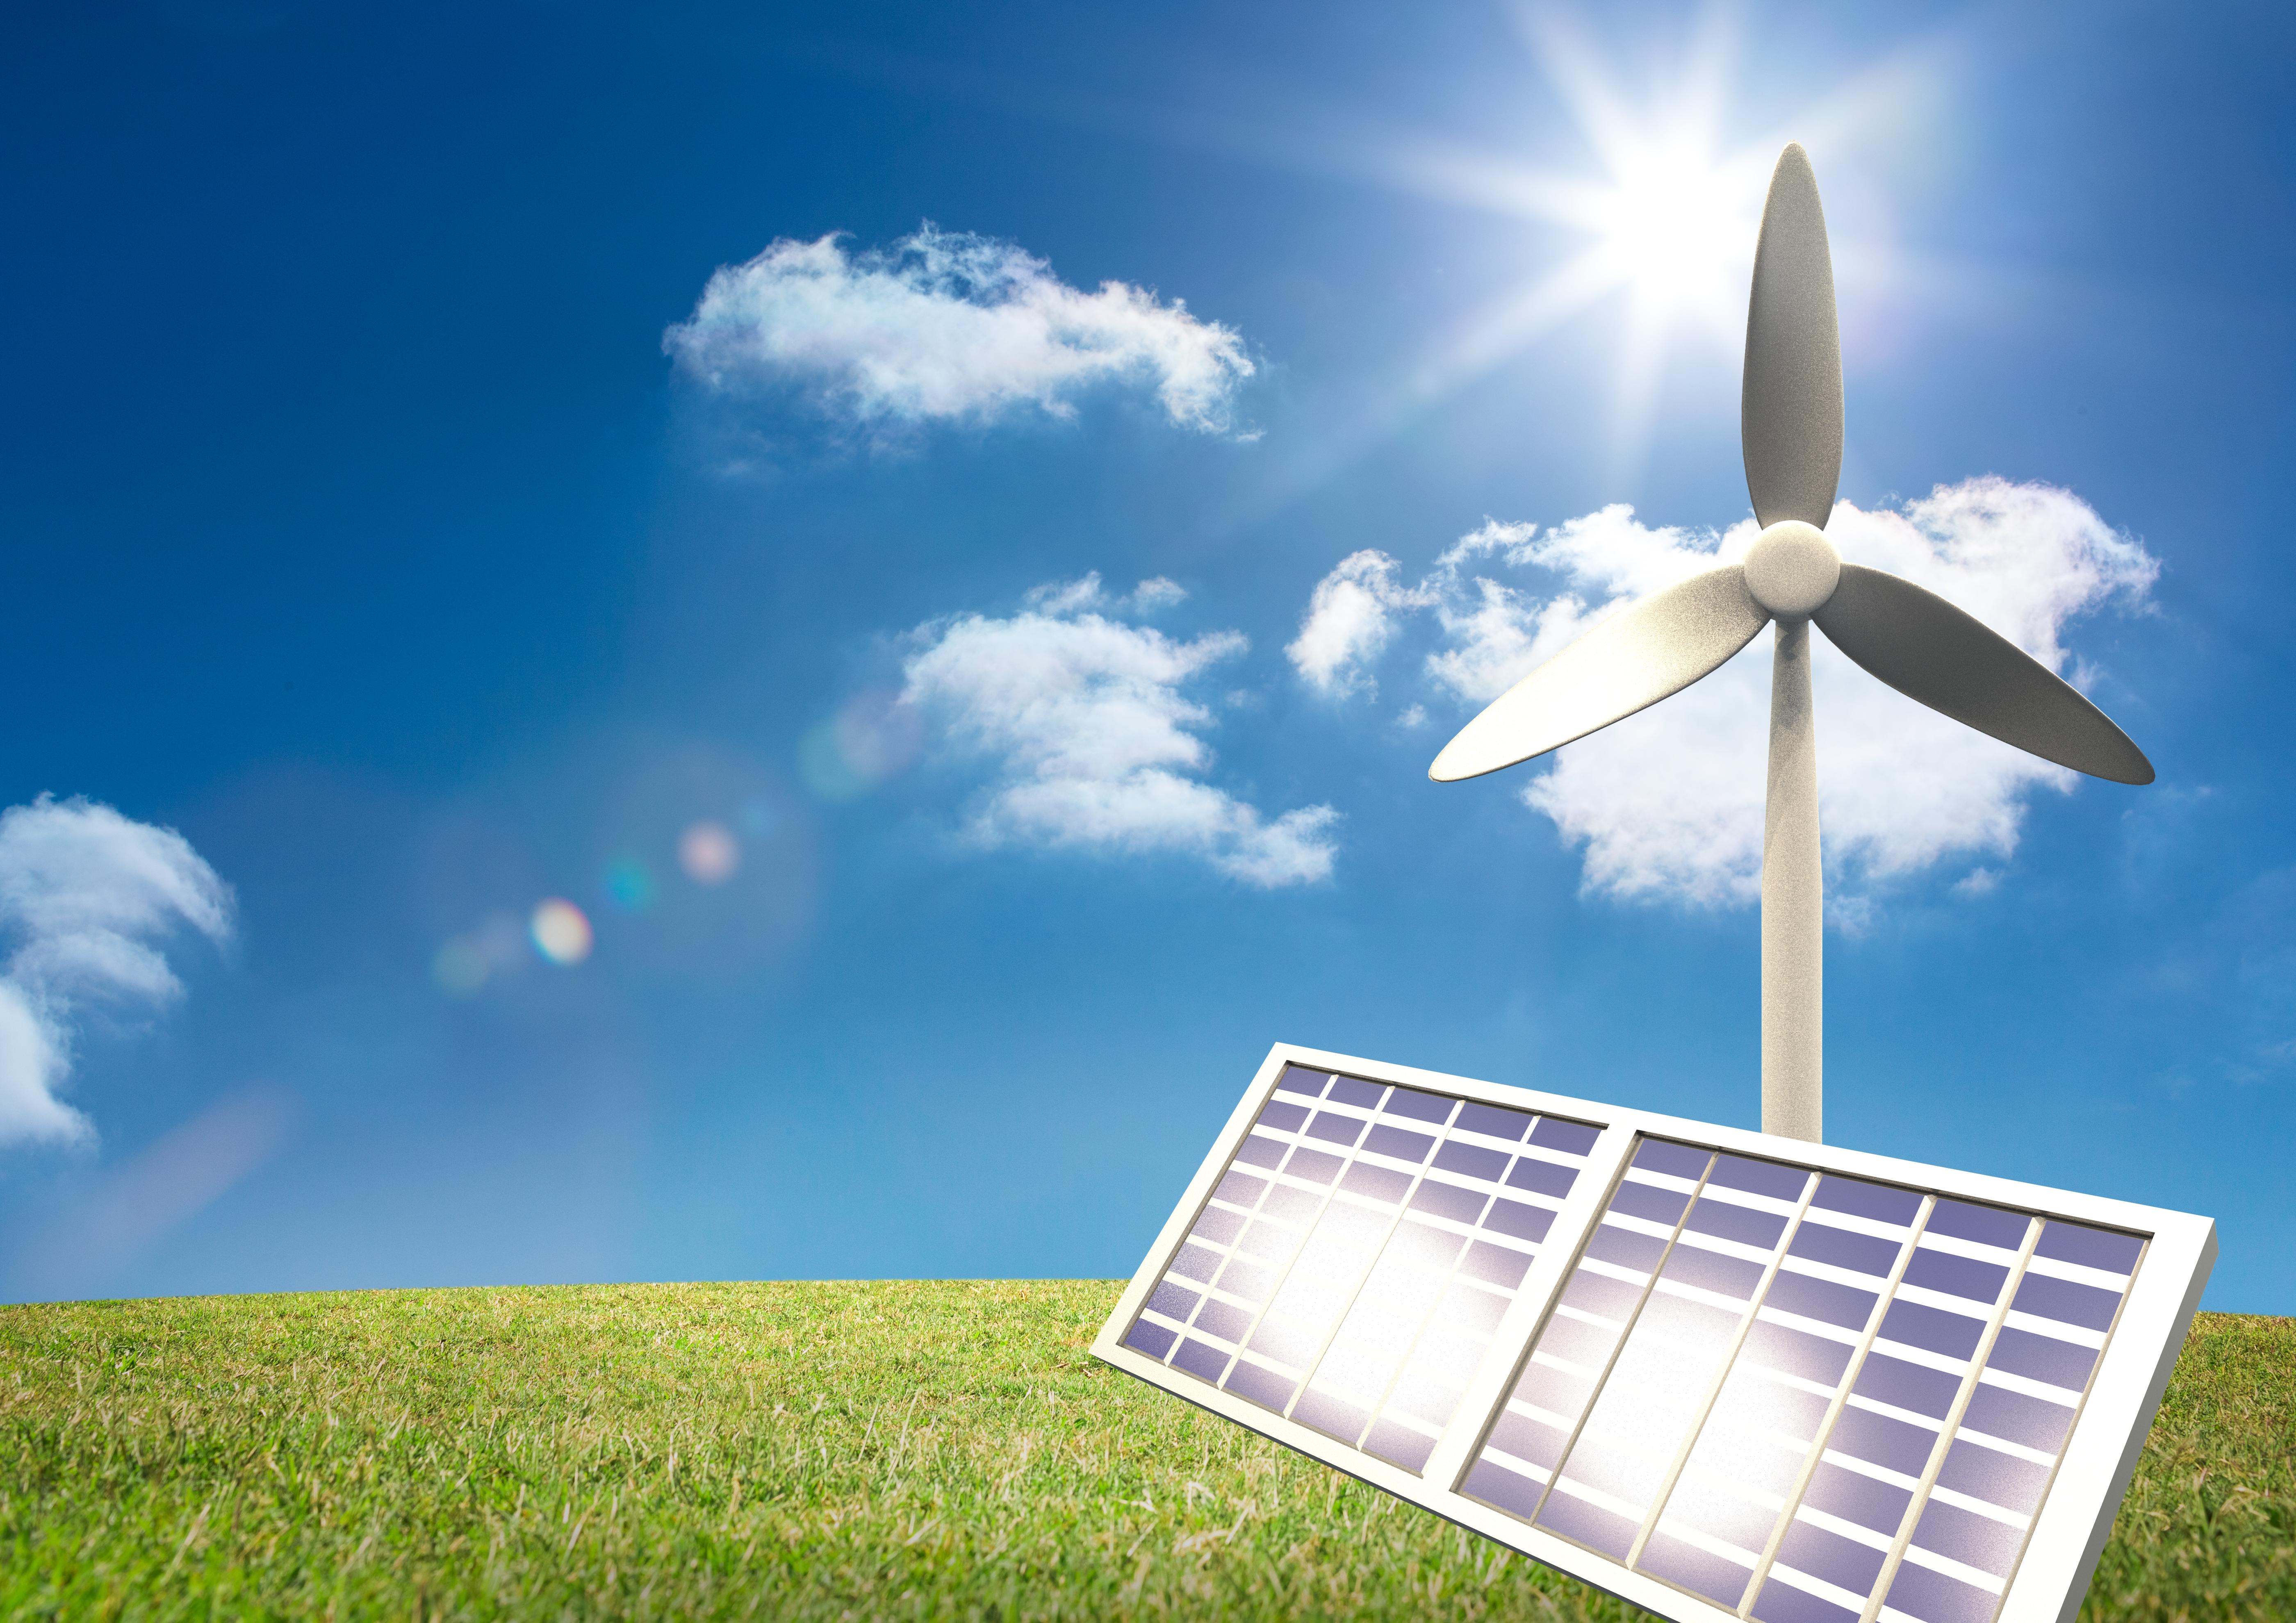 energia eolica e fotovoltaica tra le fonti di energia rinnovabile più diffuse